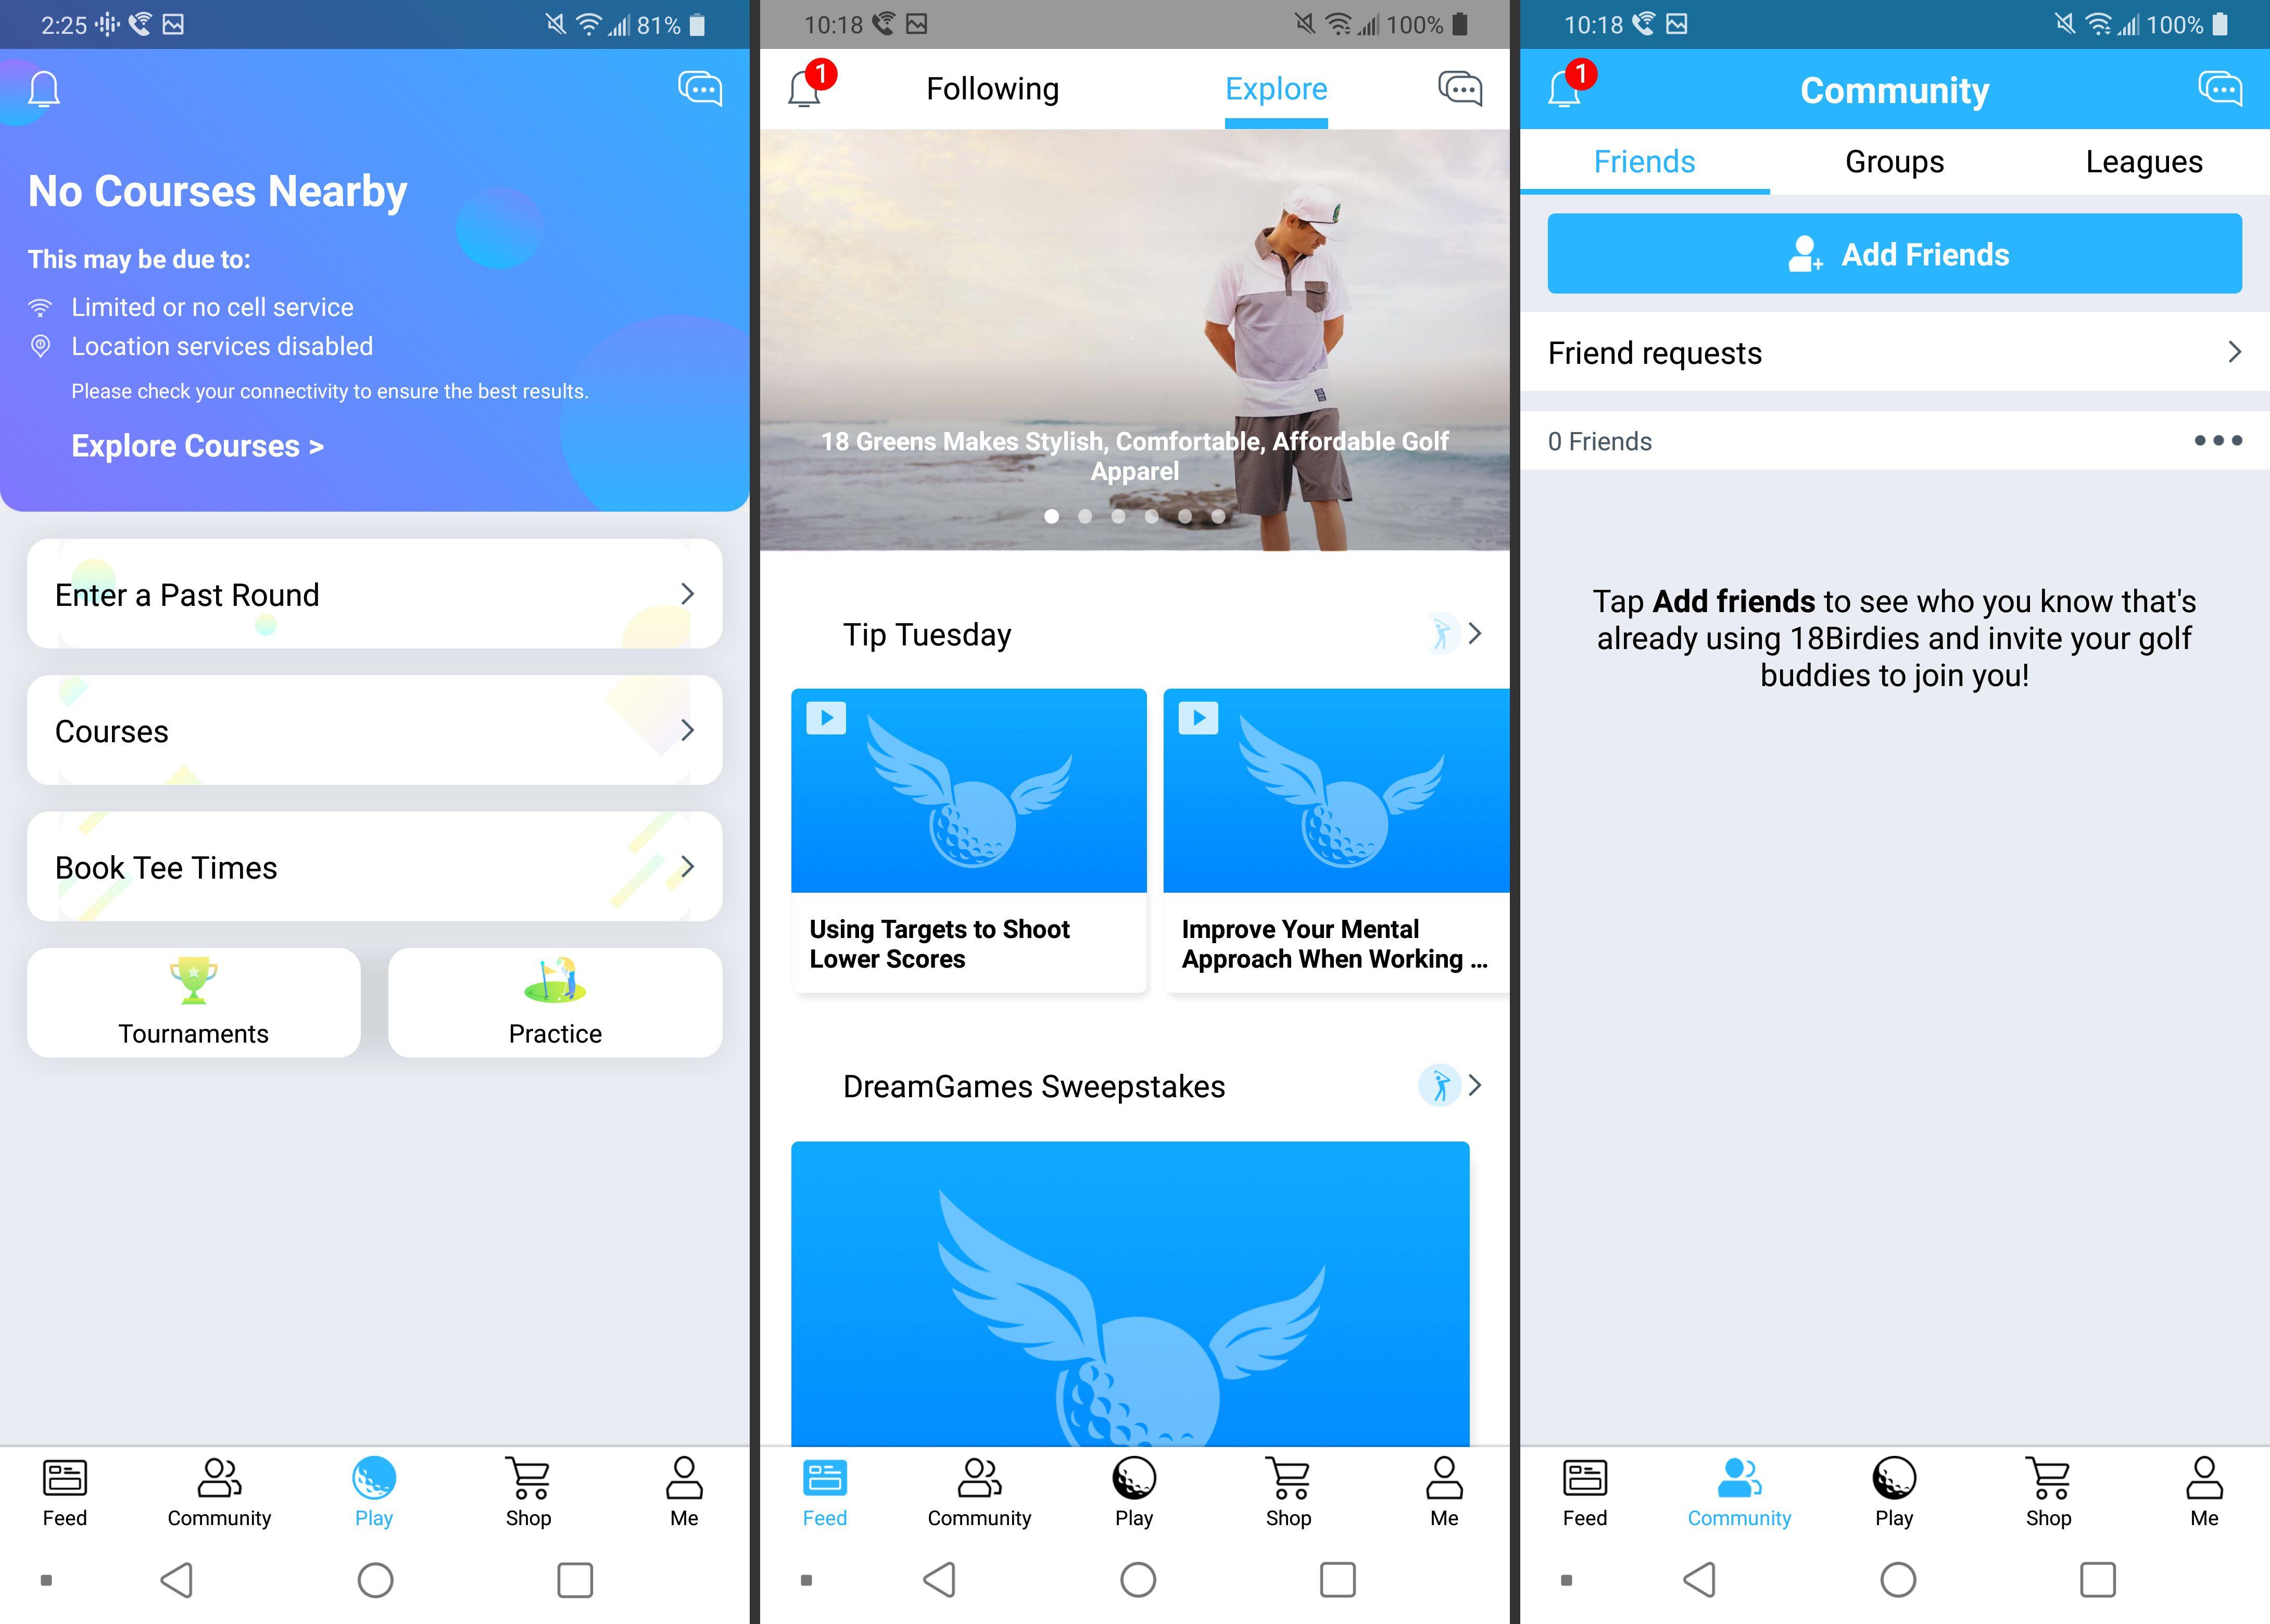 18 Birdies app screenshots